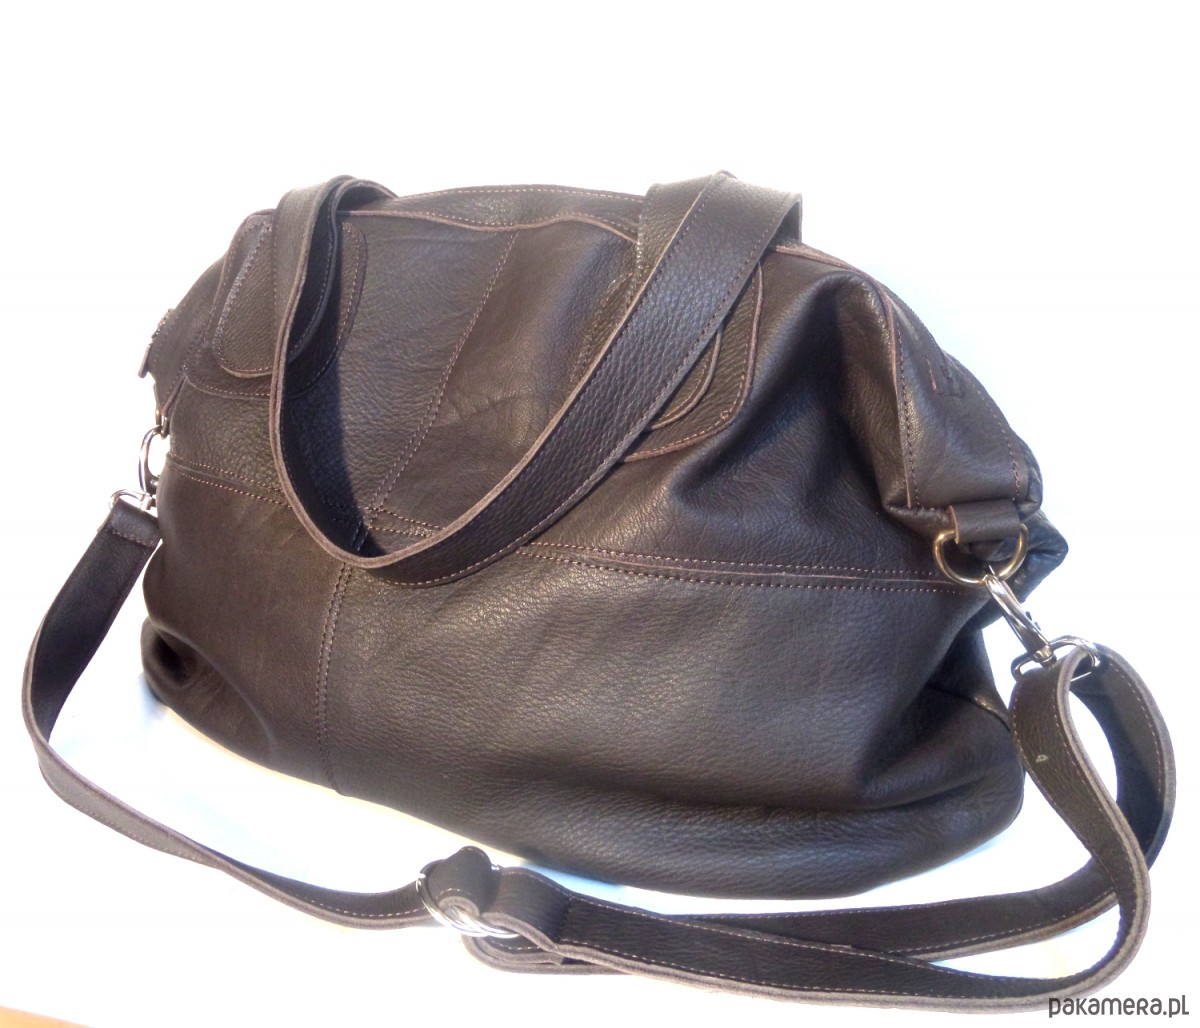 4dec6b330df1d Duża skórzana czekoladowa torba - torby na ramię - damskie - Pakamera.pl